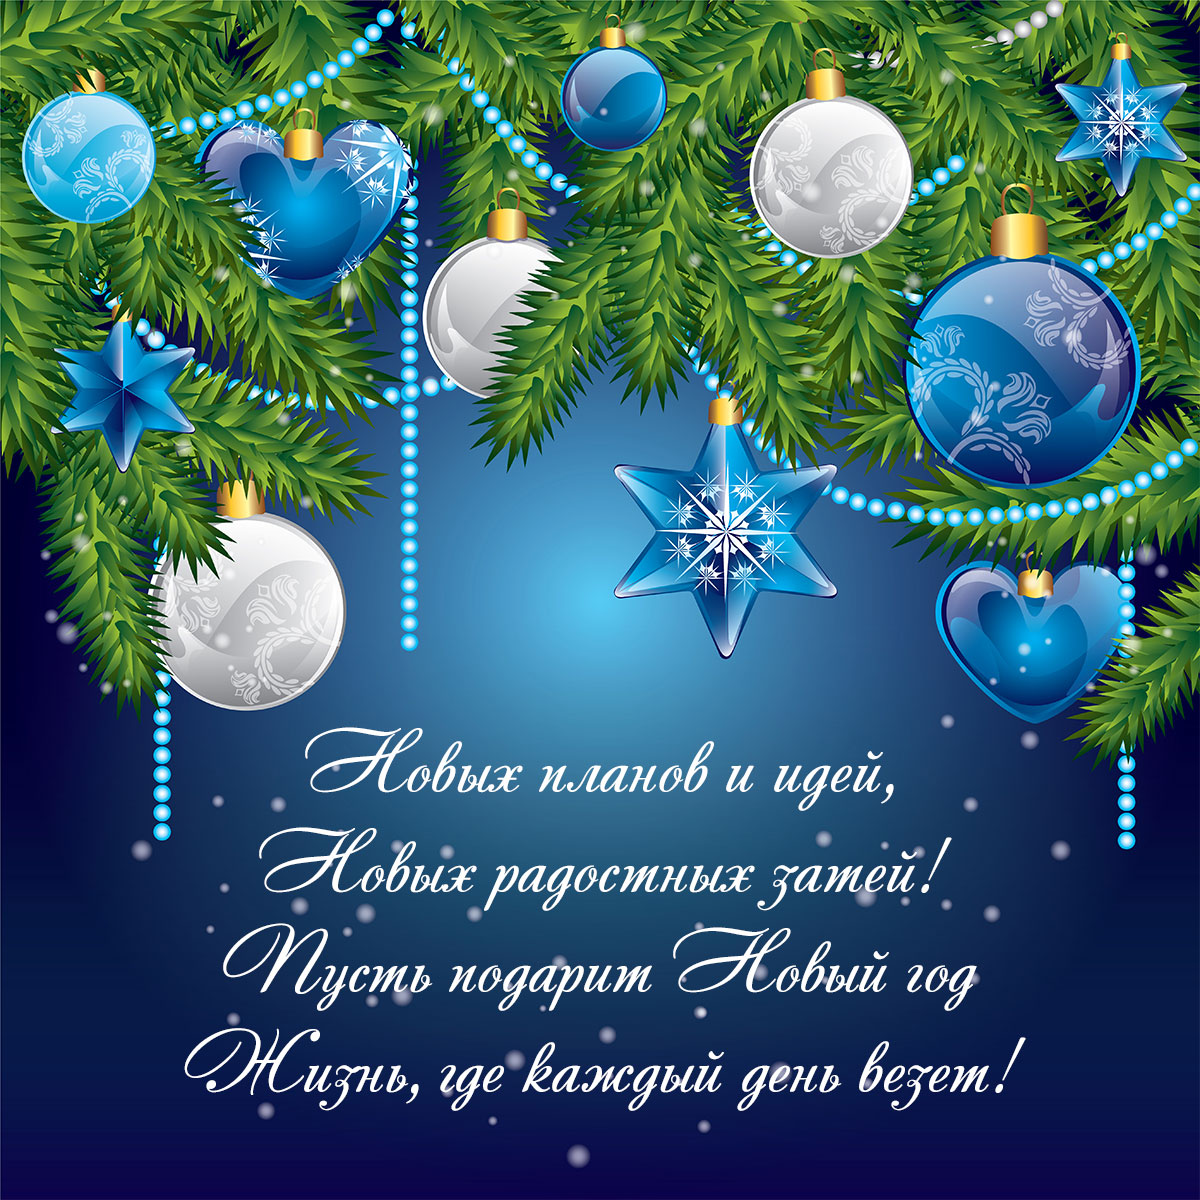 Новогоднее пожелание с шарами на еловых ветках и синими бусами.